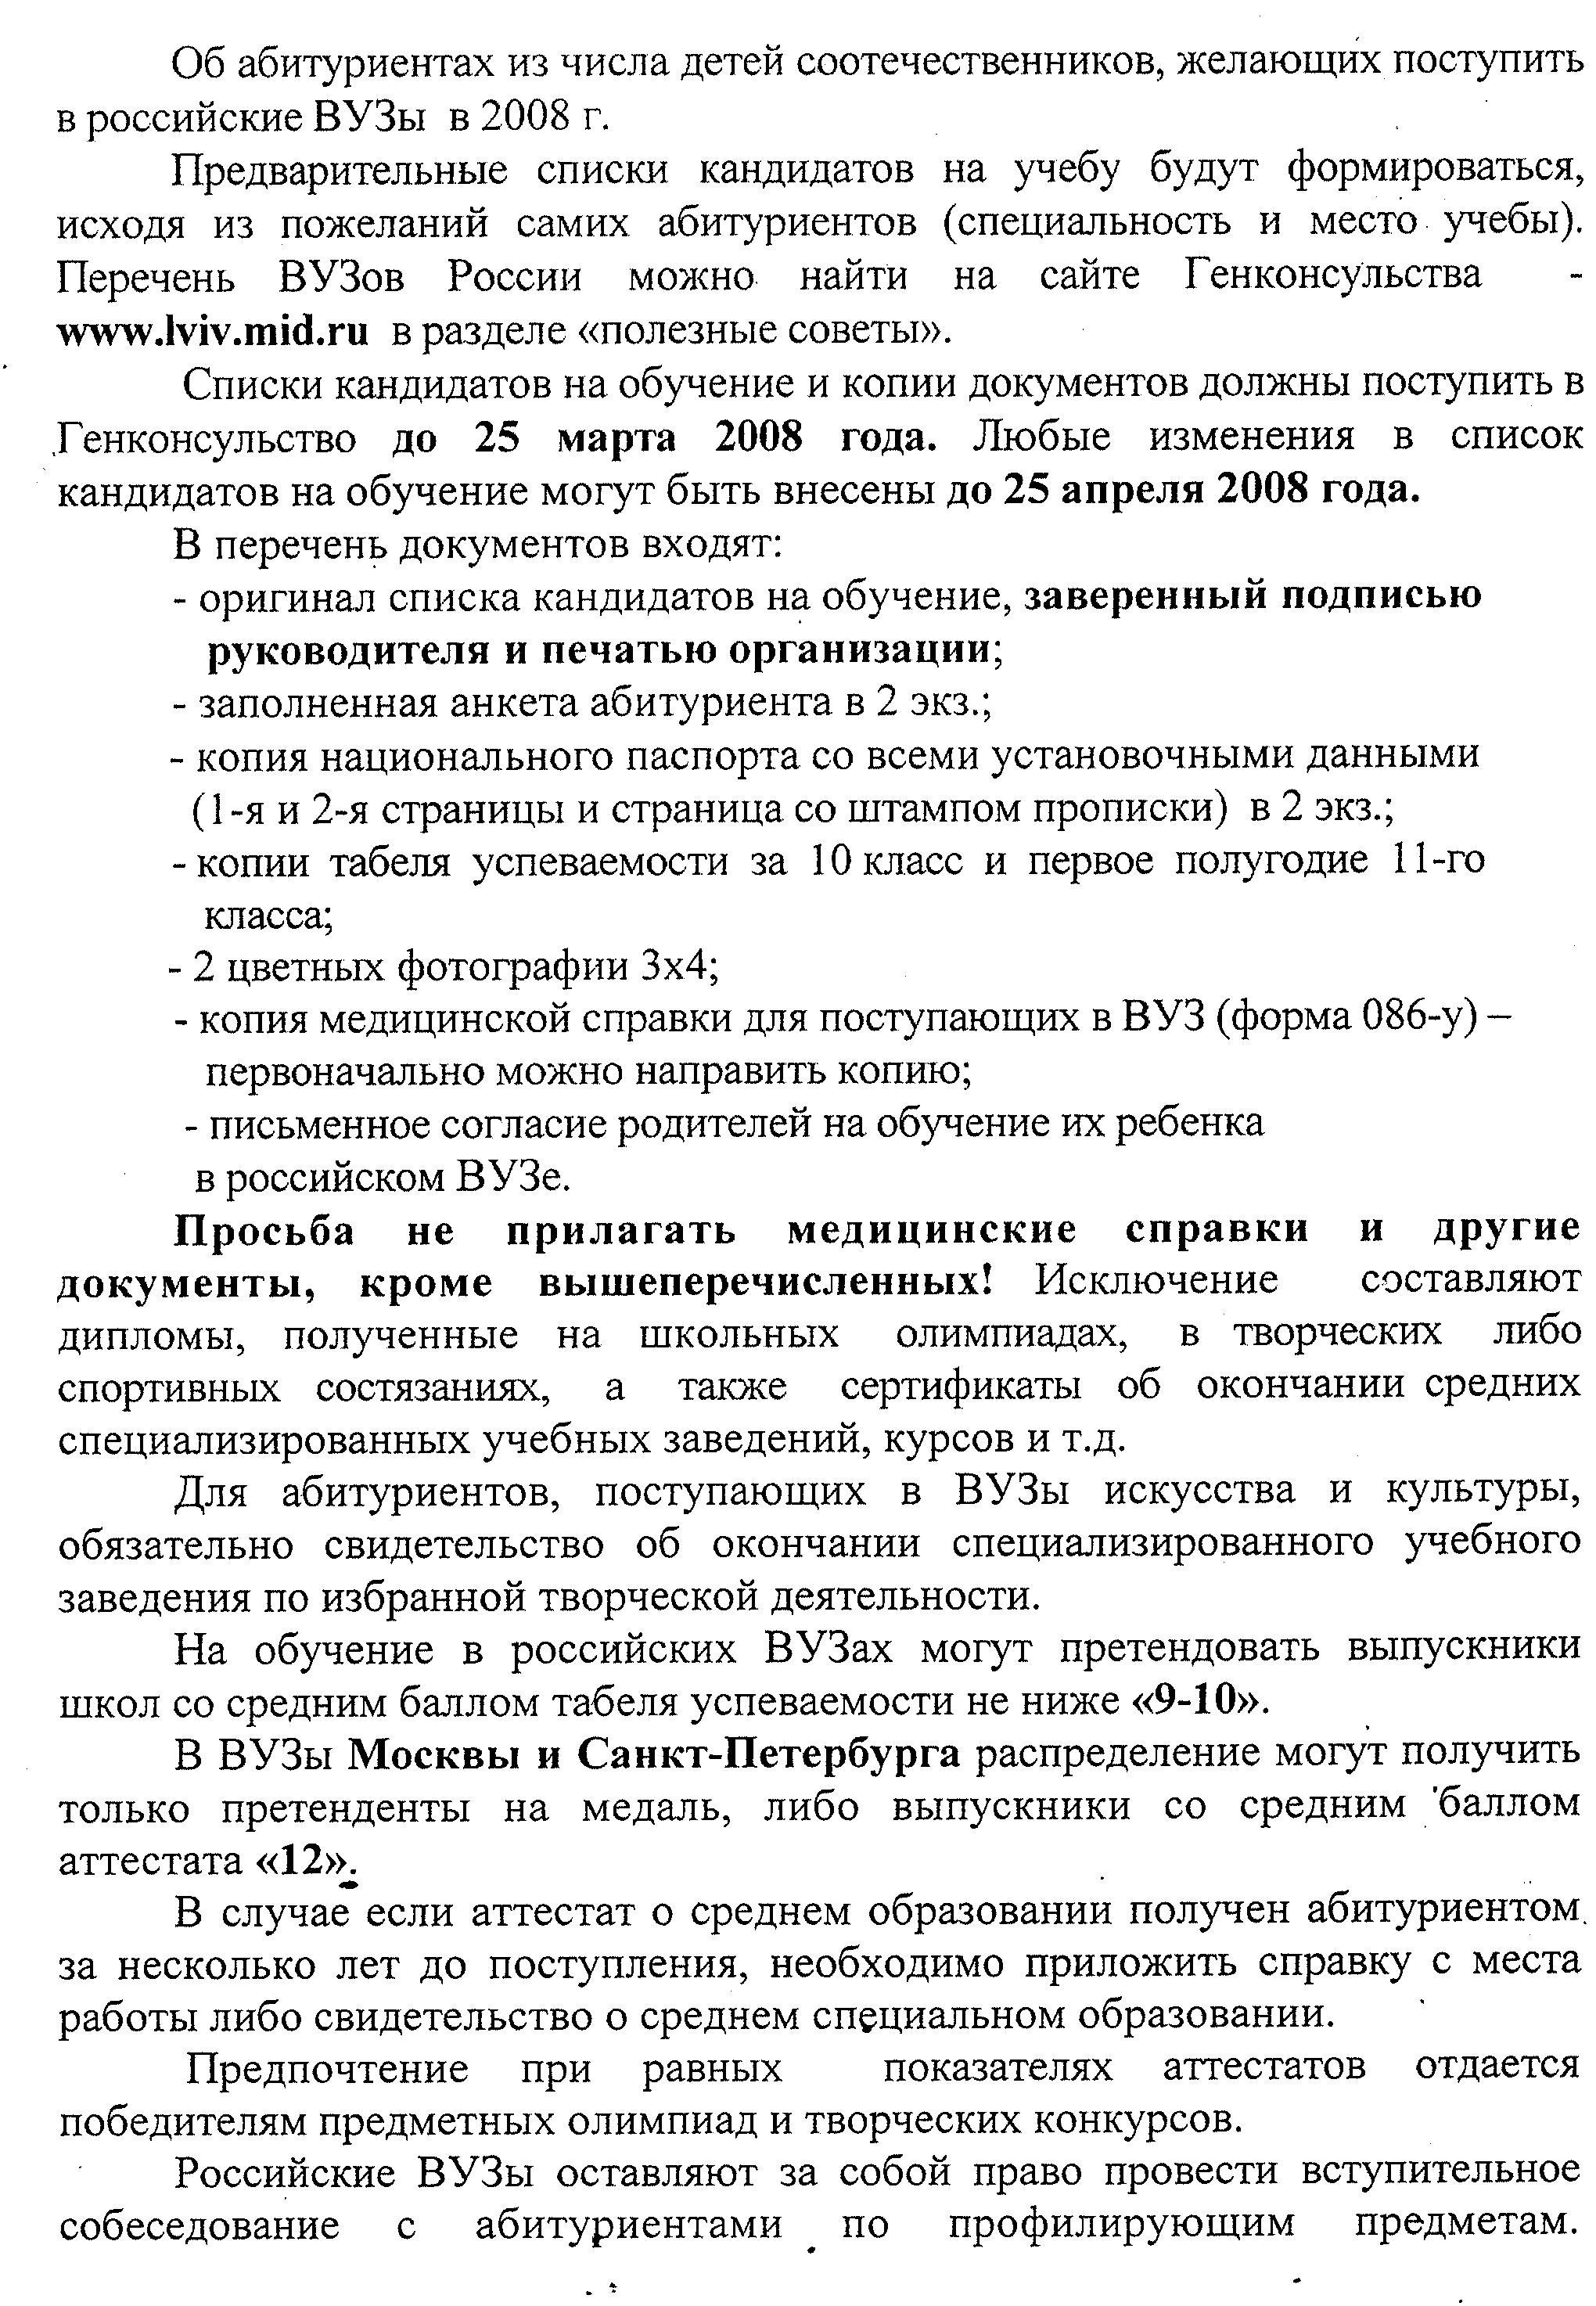 russ25.03.08